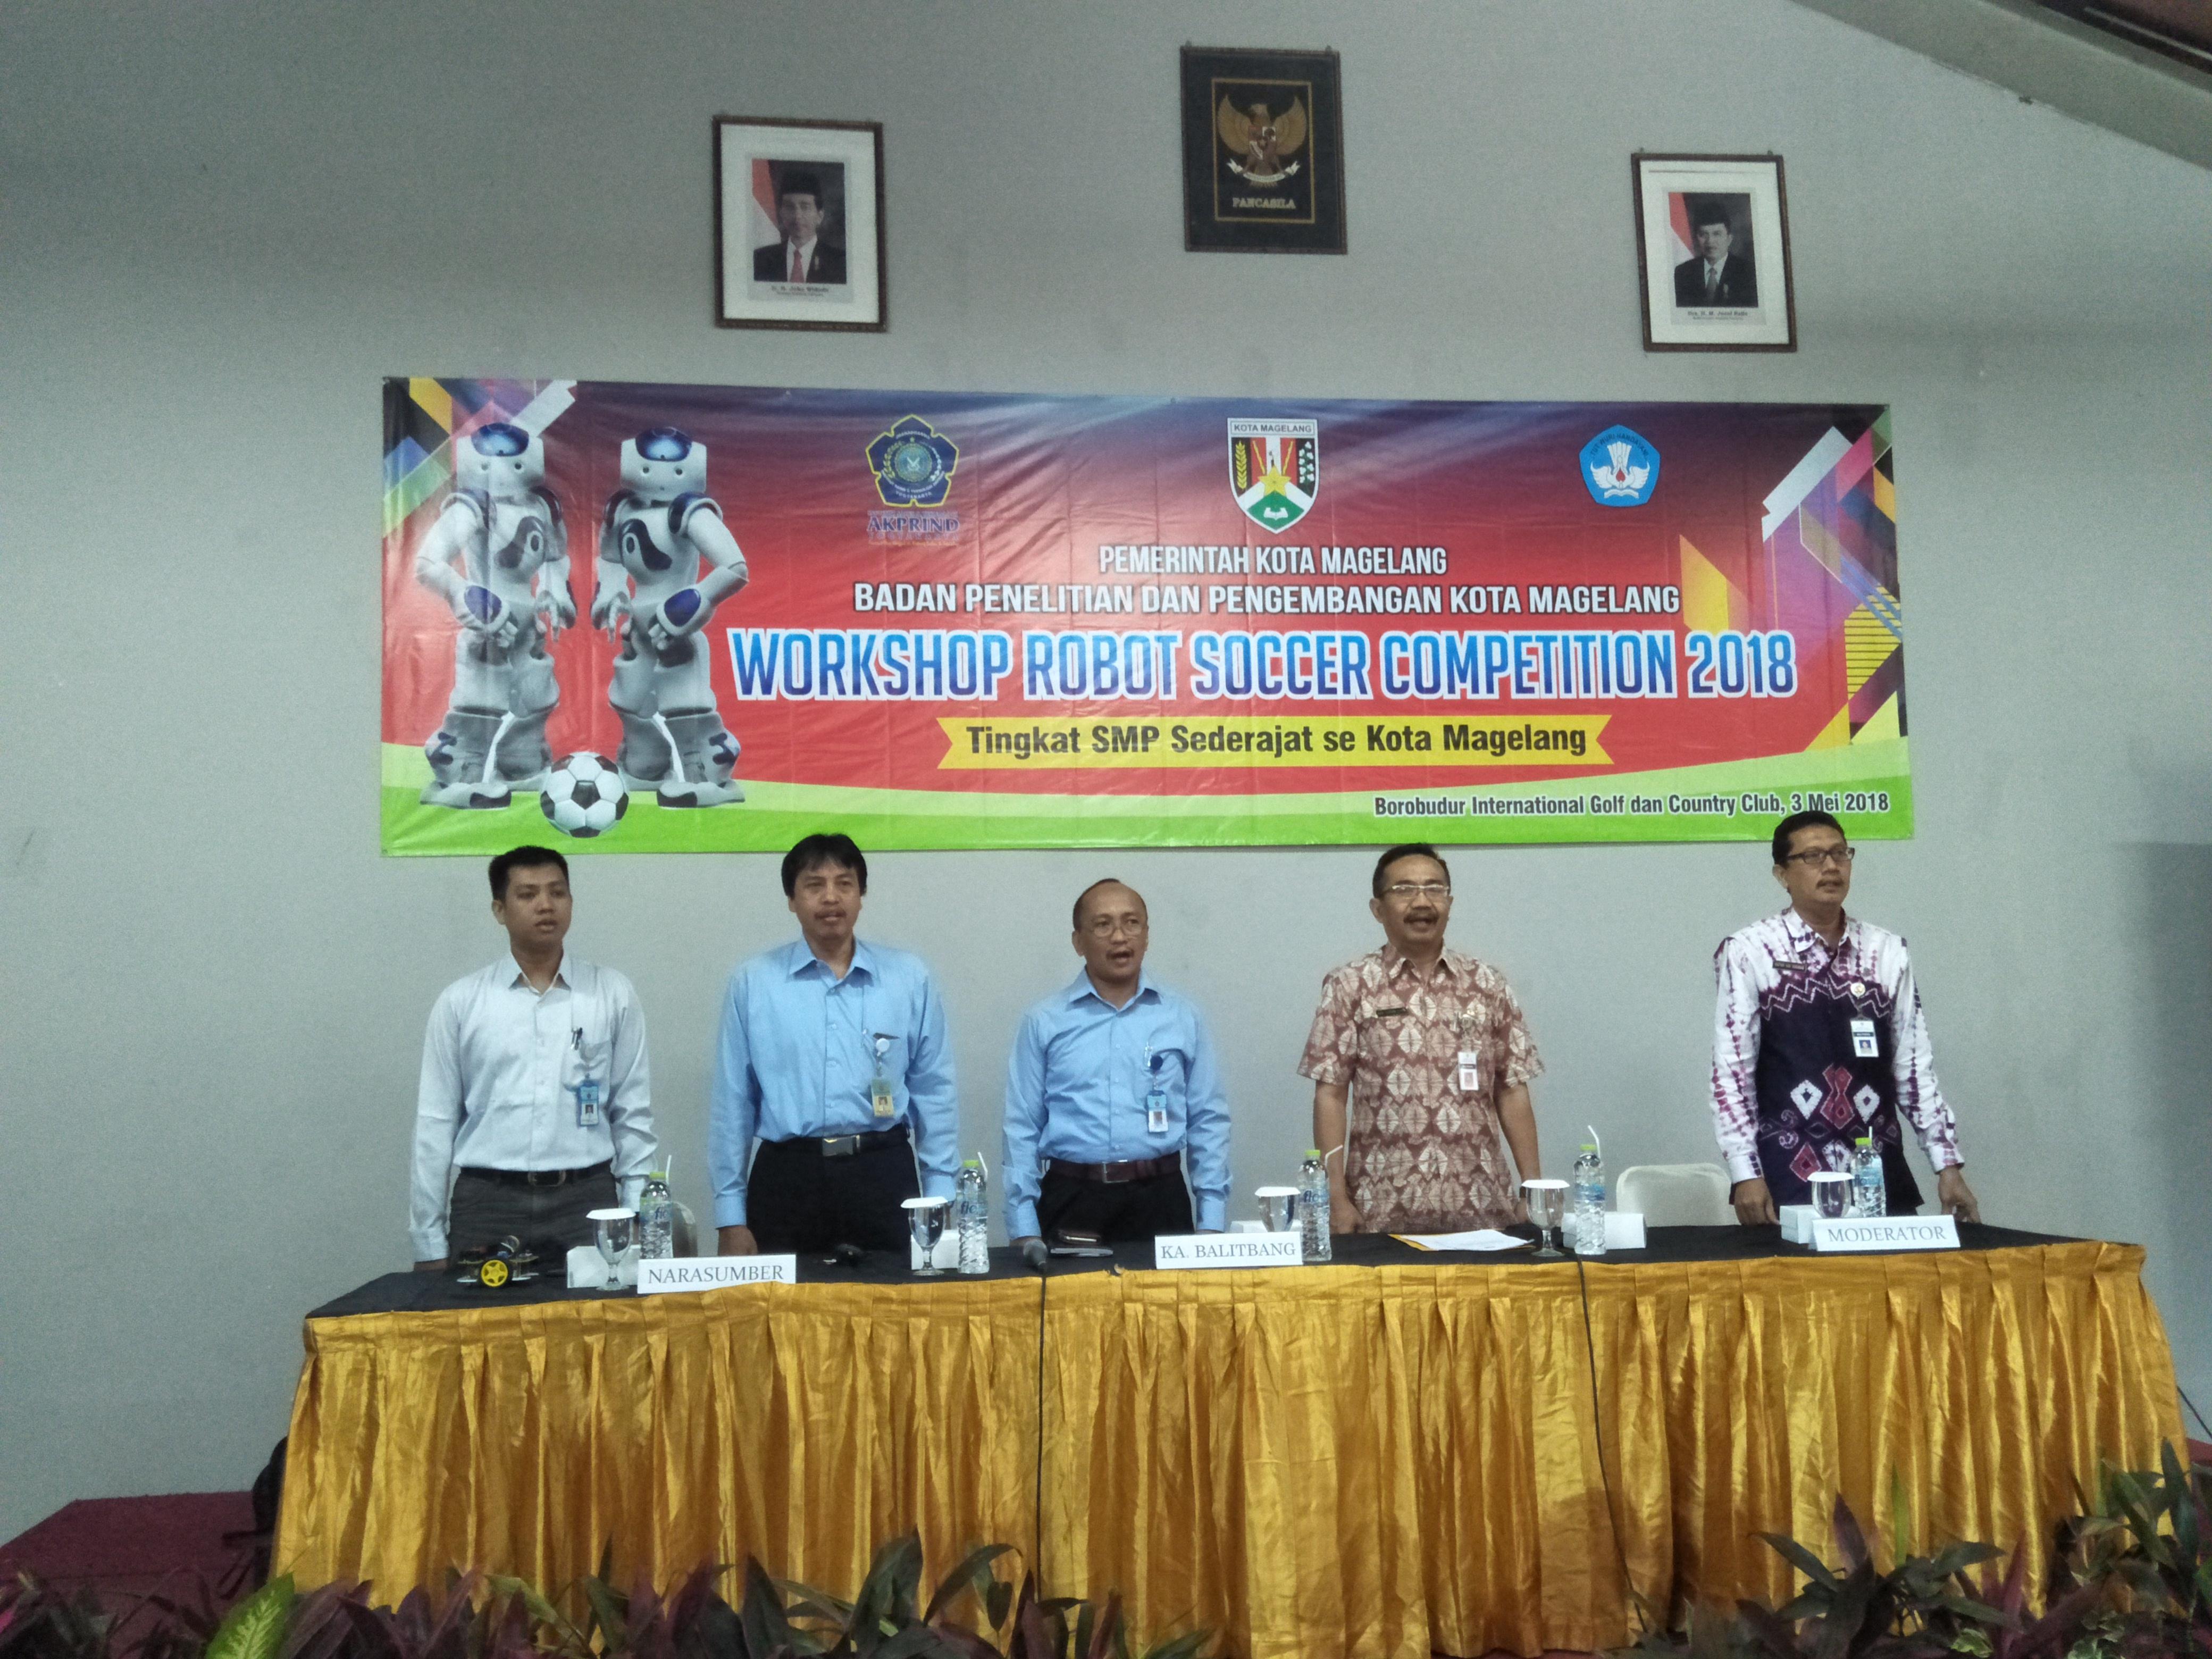 Workshop Robot Soccer untuk Pelajar SMP se-Kota Magelang